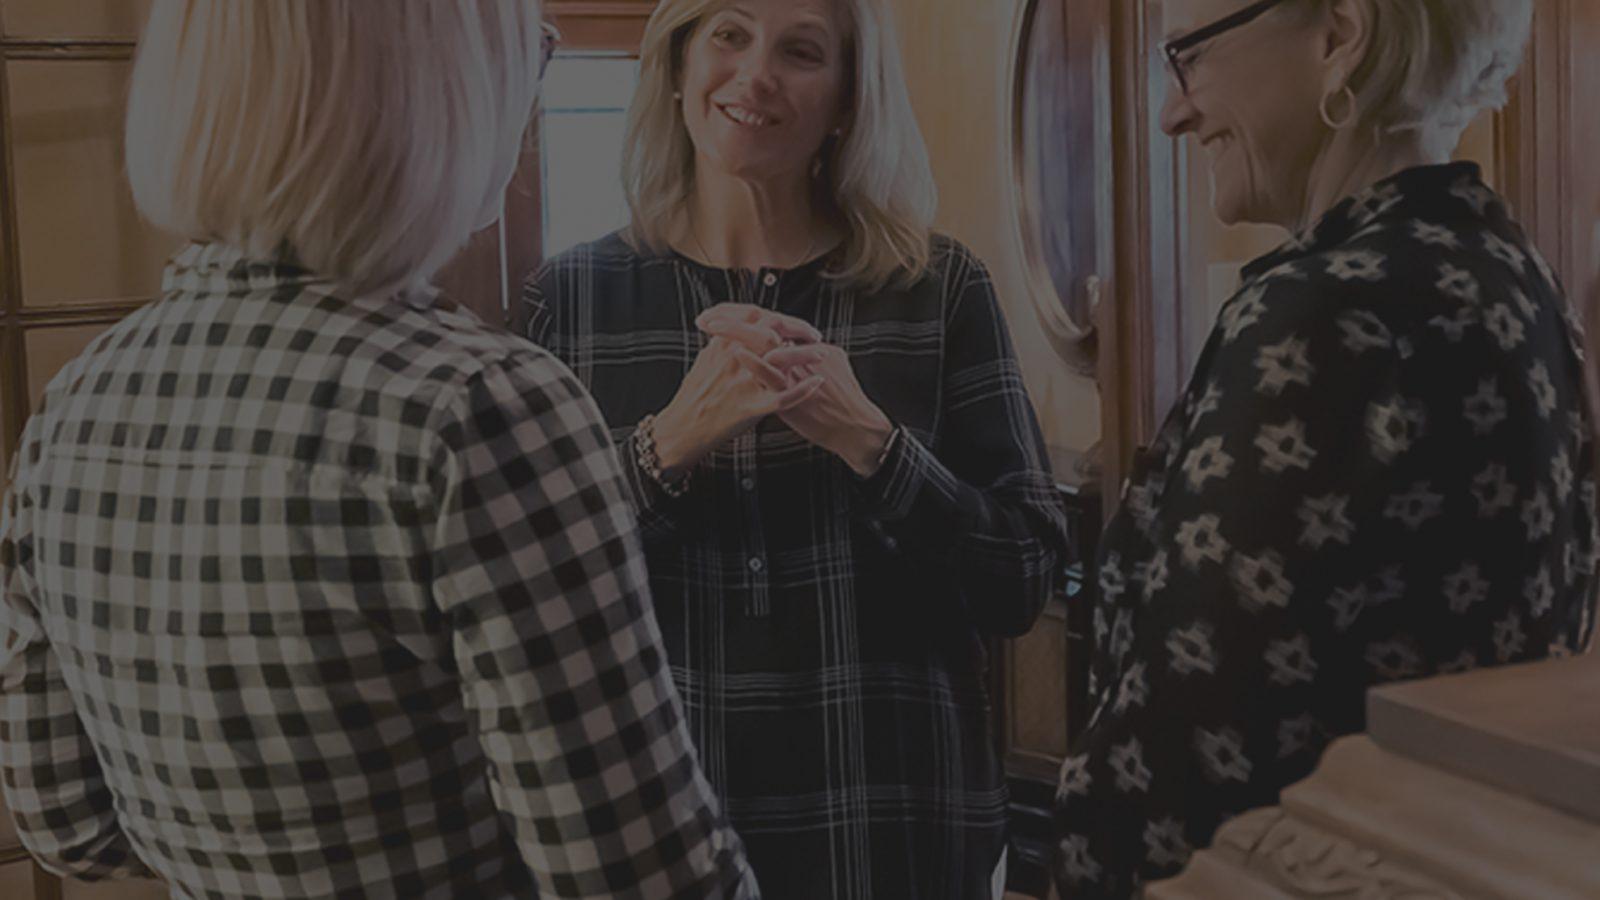 3 women talking